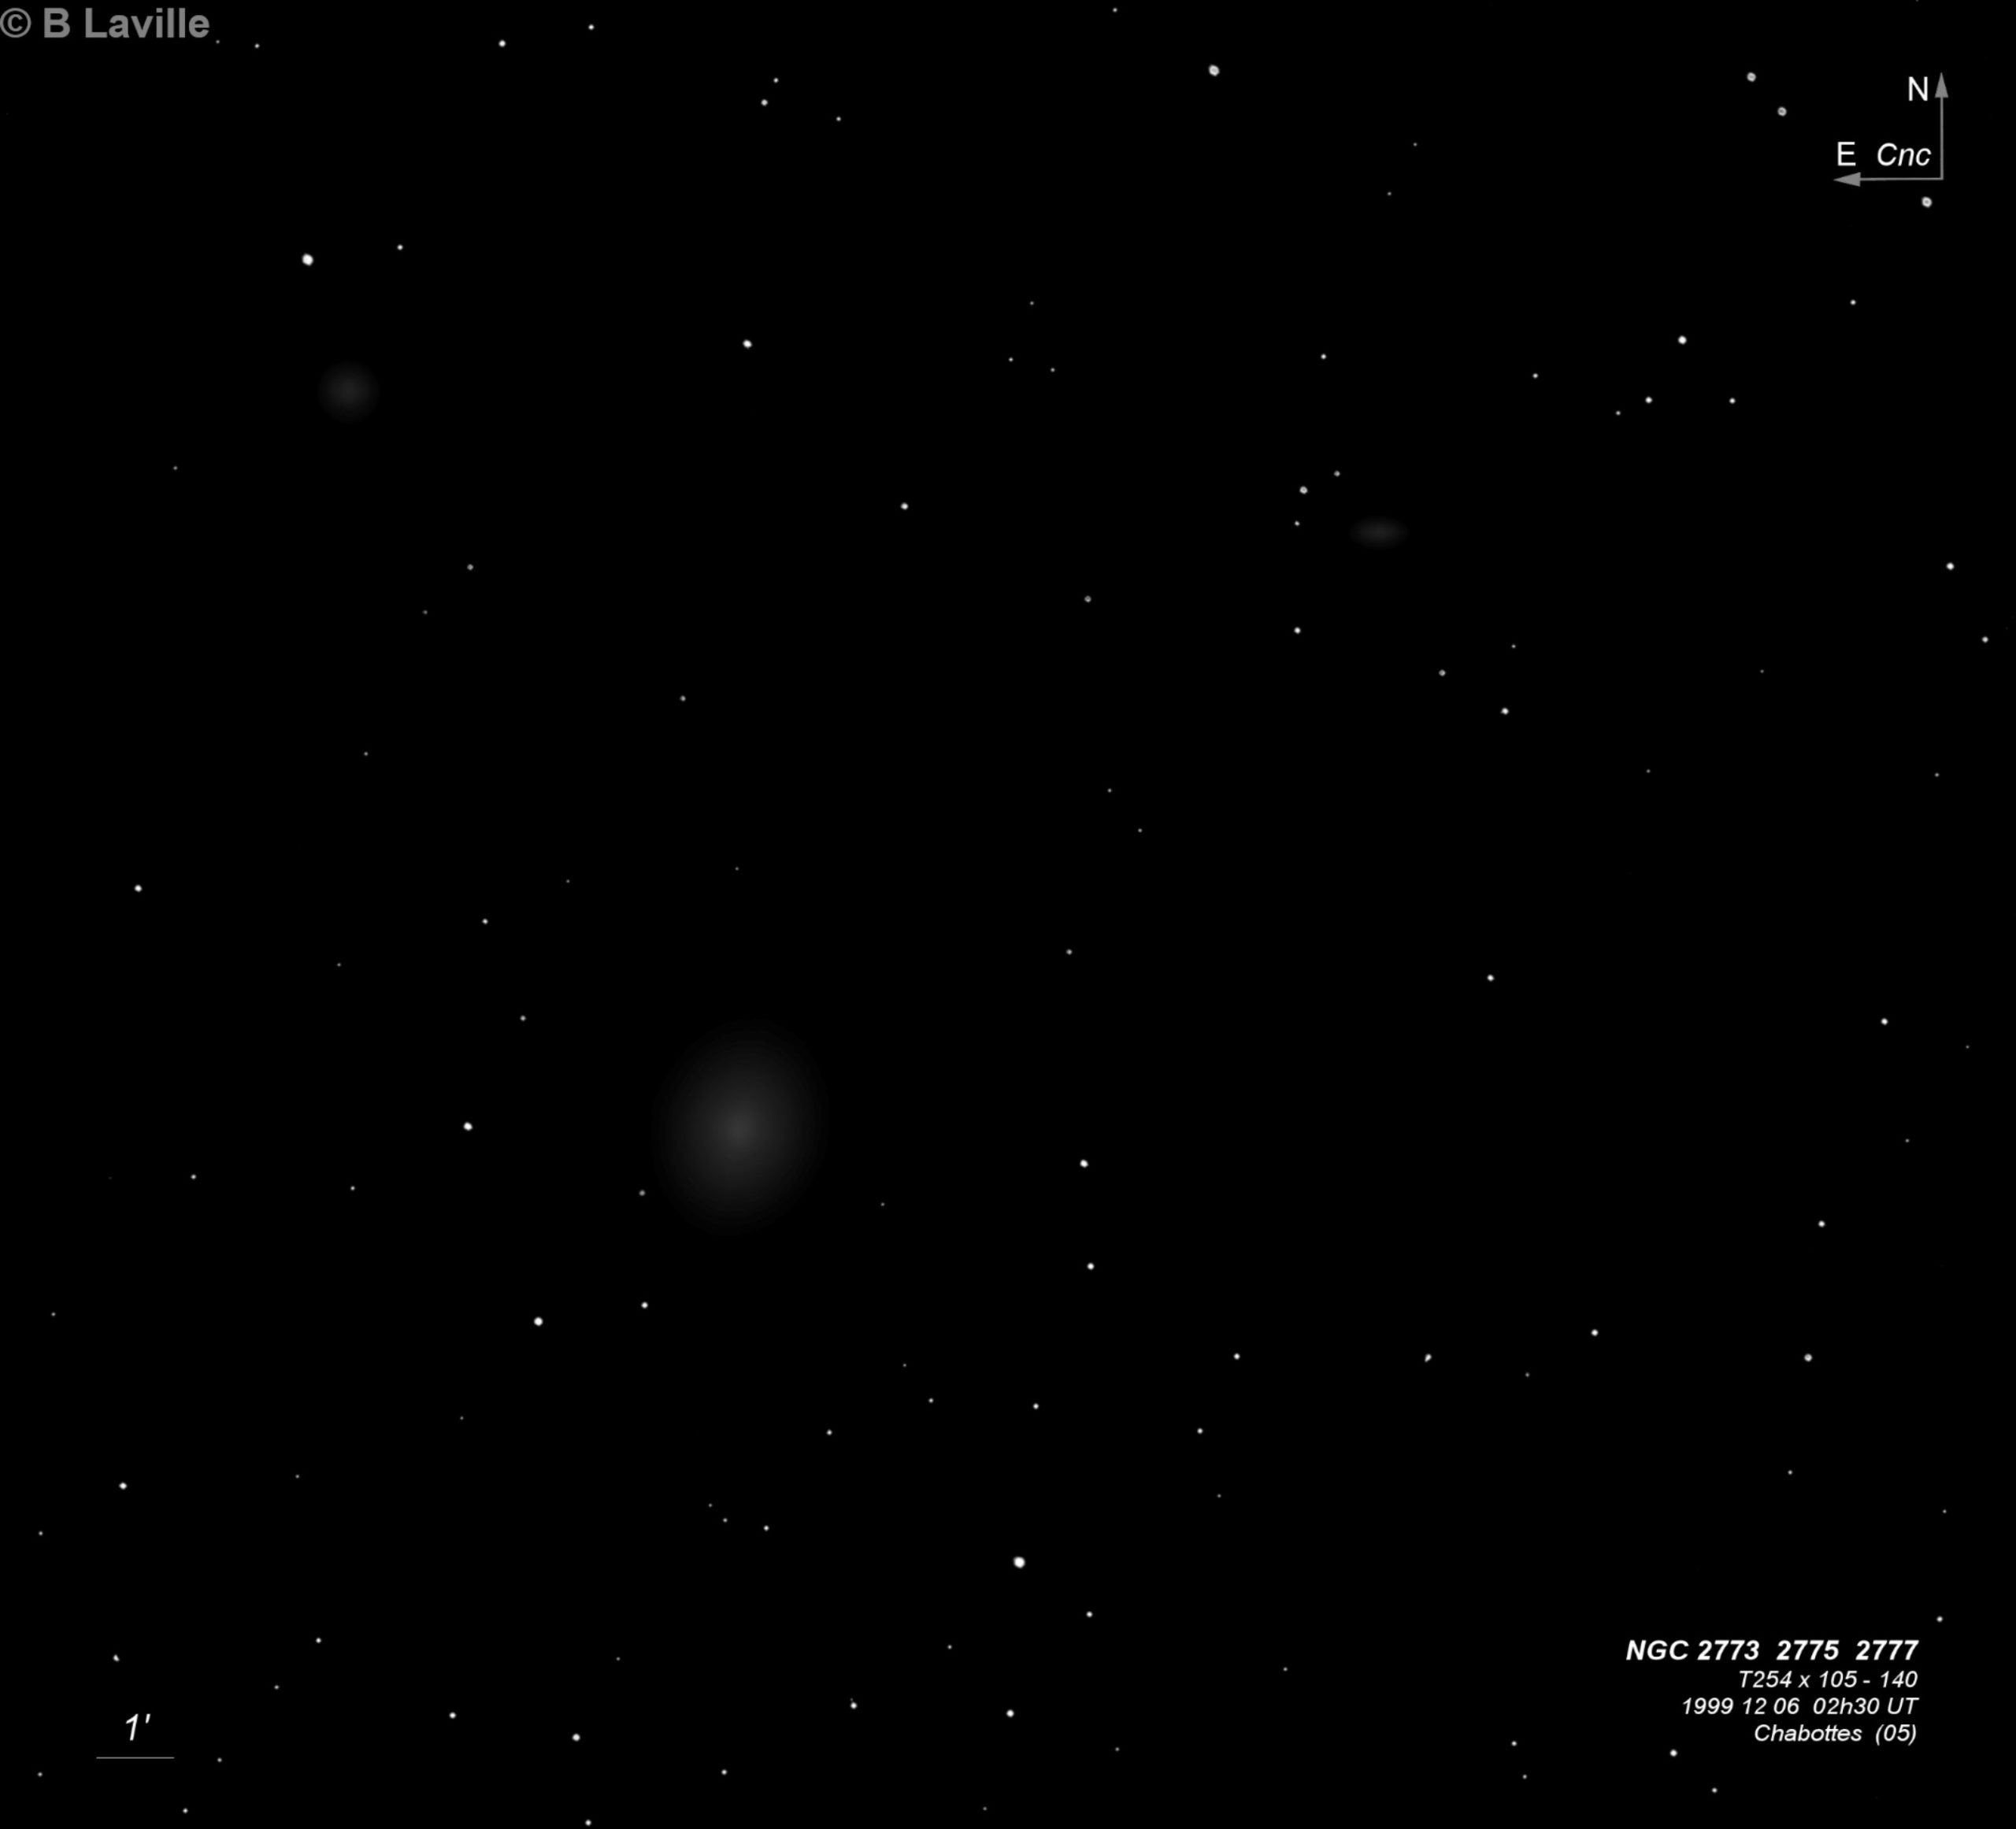 NGC 2773 + NGC 2775 + NGC 2777